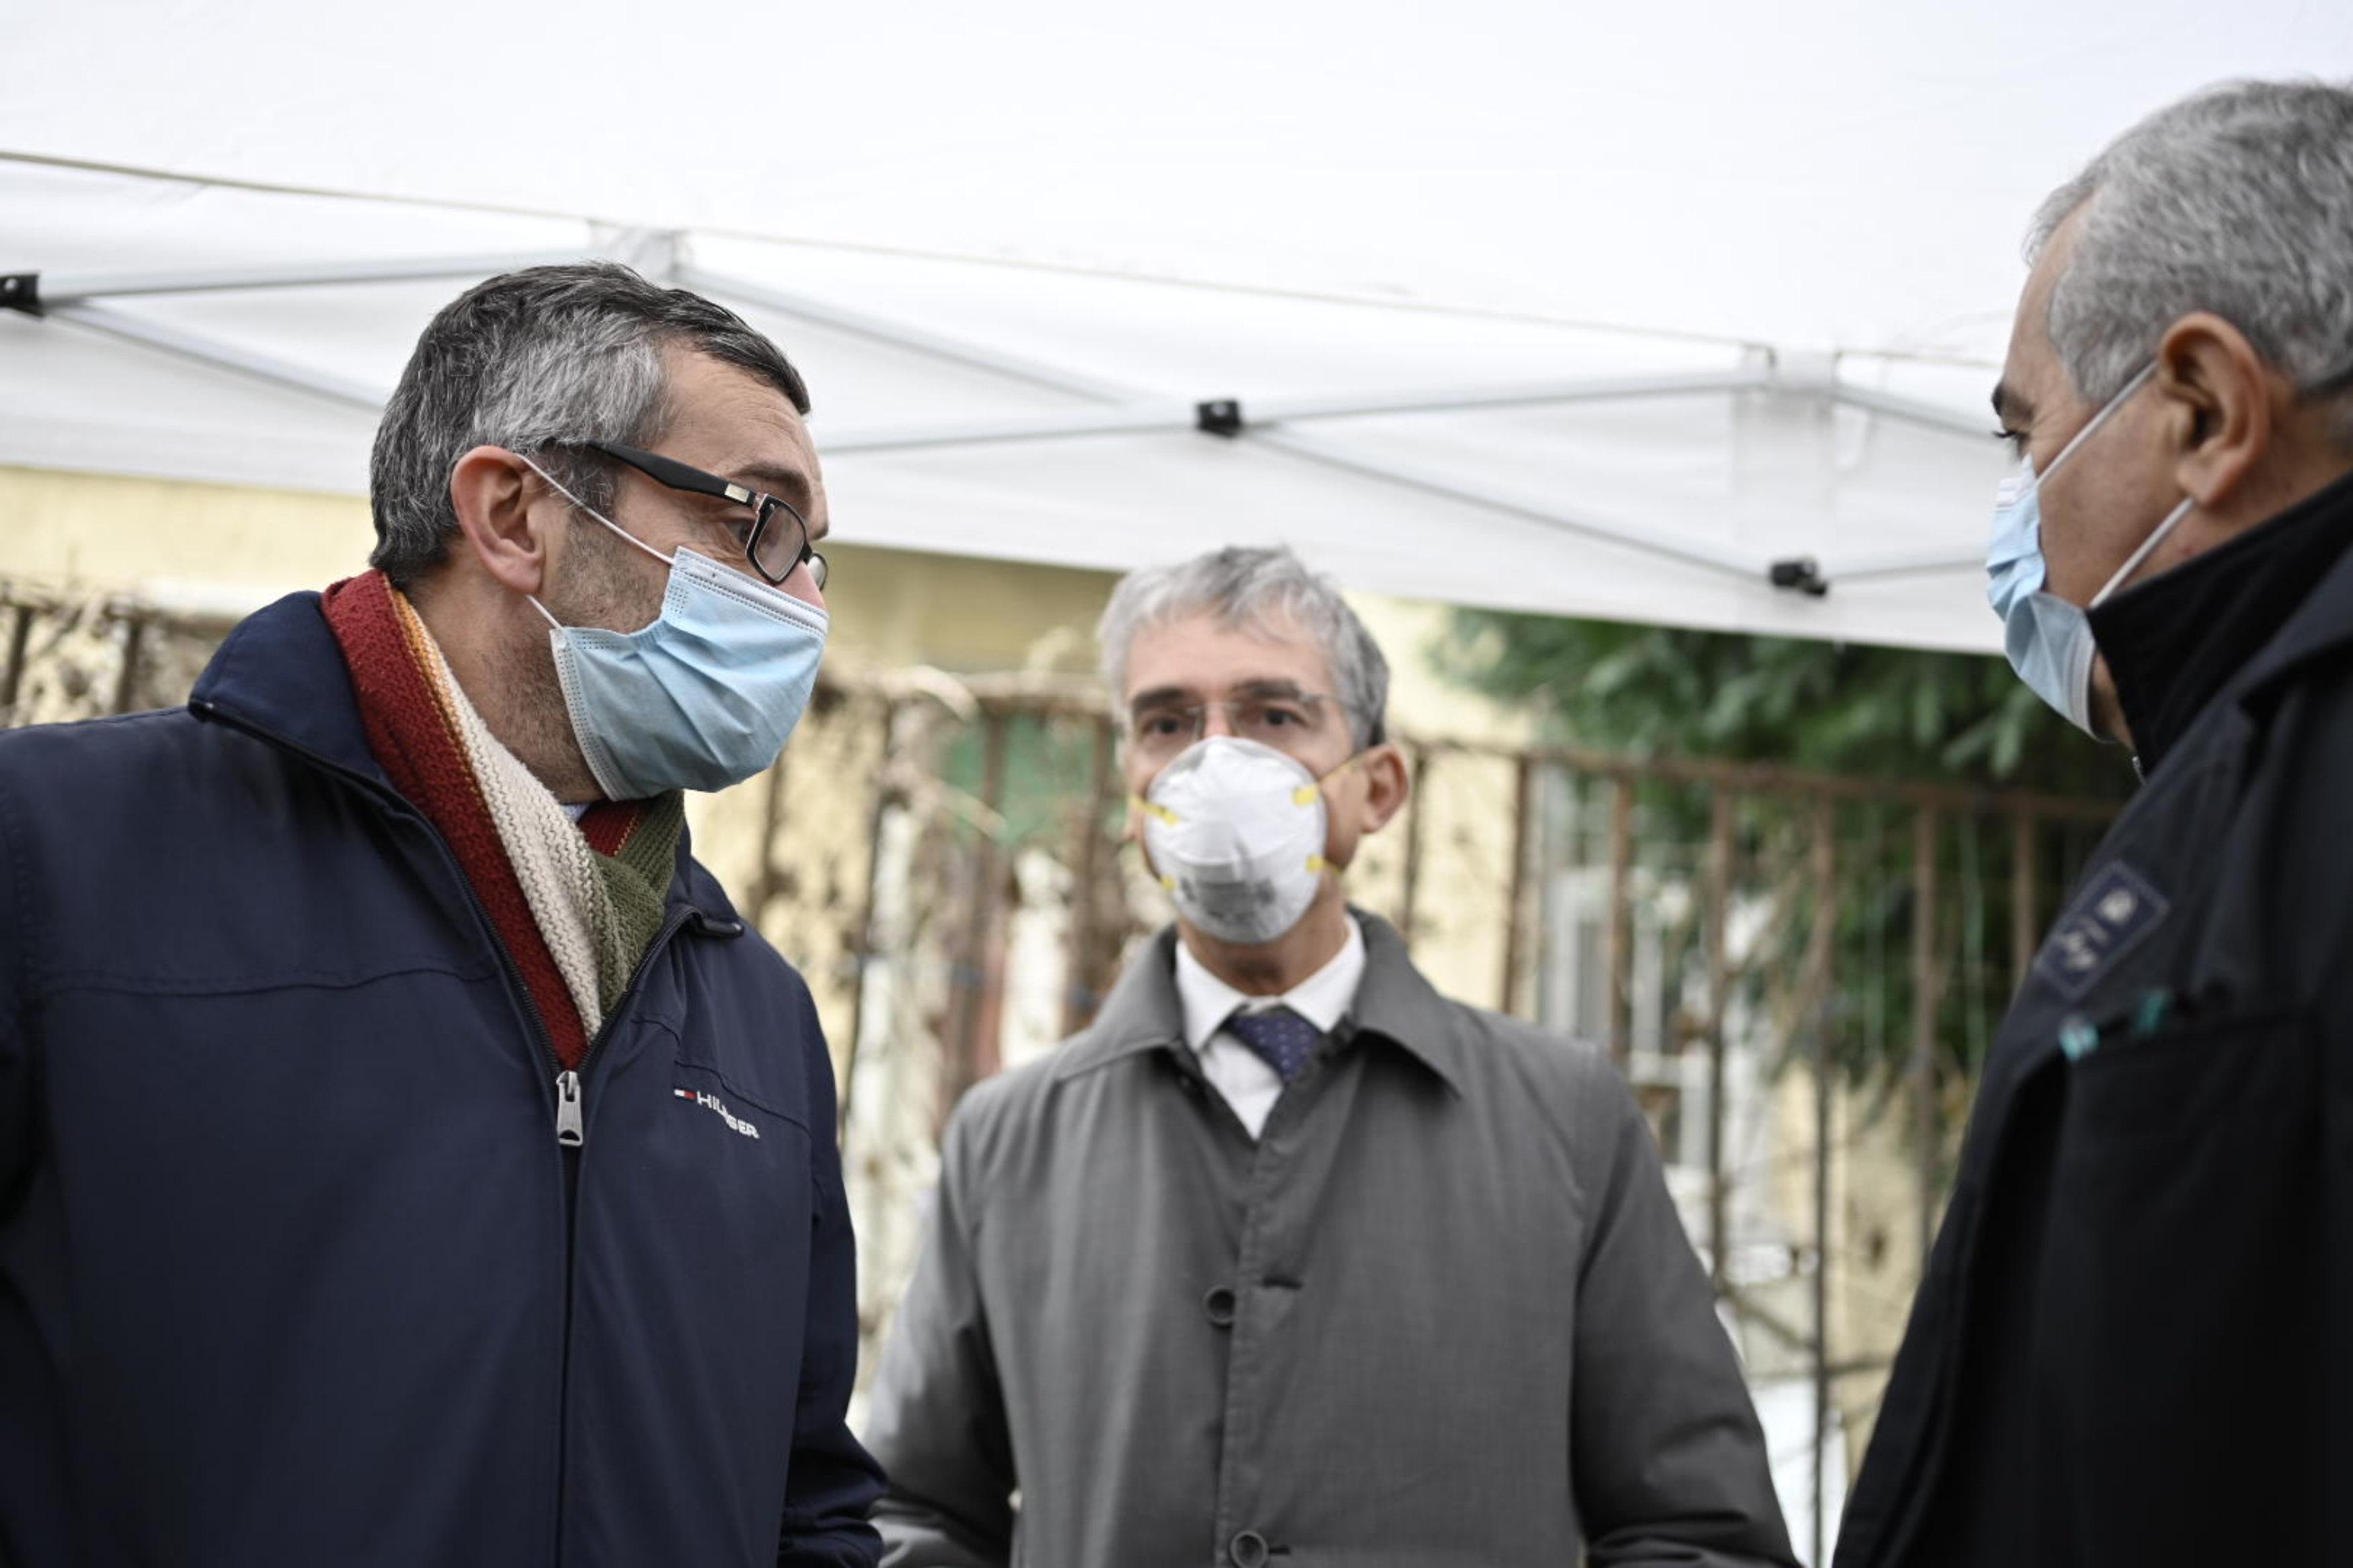 L'assessore Bolognini col direttore dell'Asst Fatebenefratelli Sacco Alessandro Visconti e il direttore di Aler Milano Domenico Ippolito